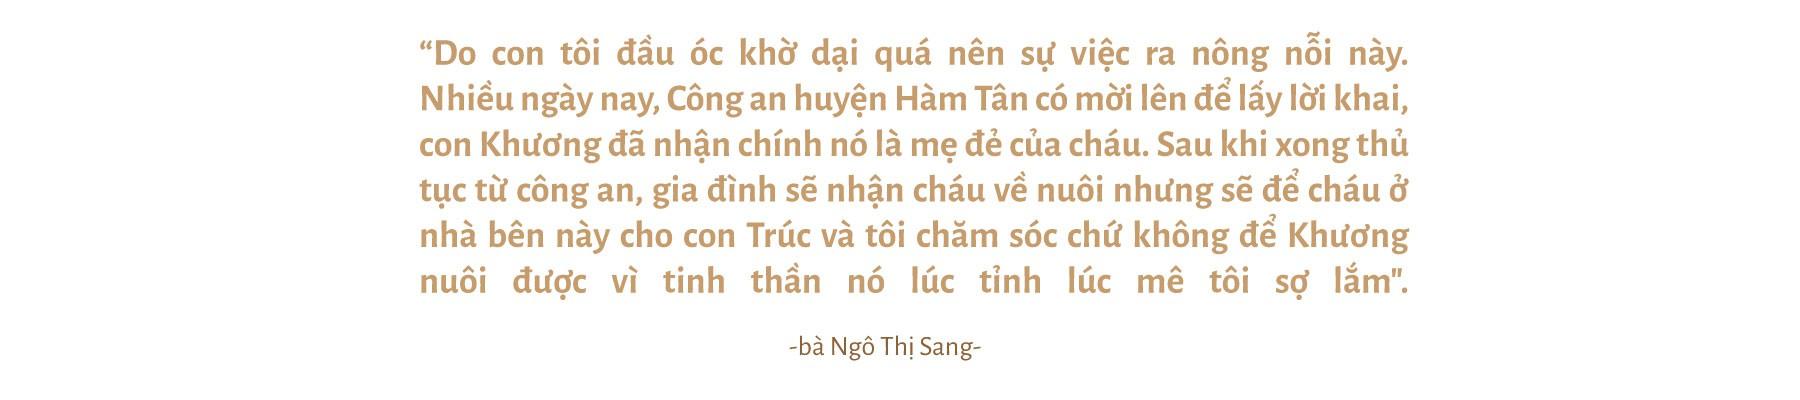 Cuộc đời khốn khổ của người mẹ chôn sống con ở Bình Thuận - Ảnh 1